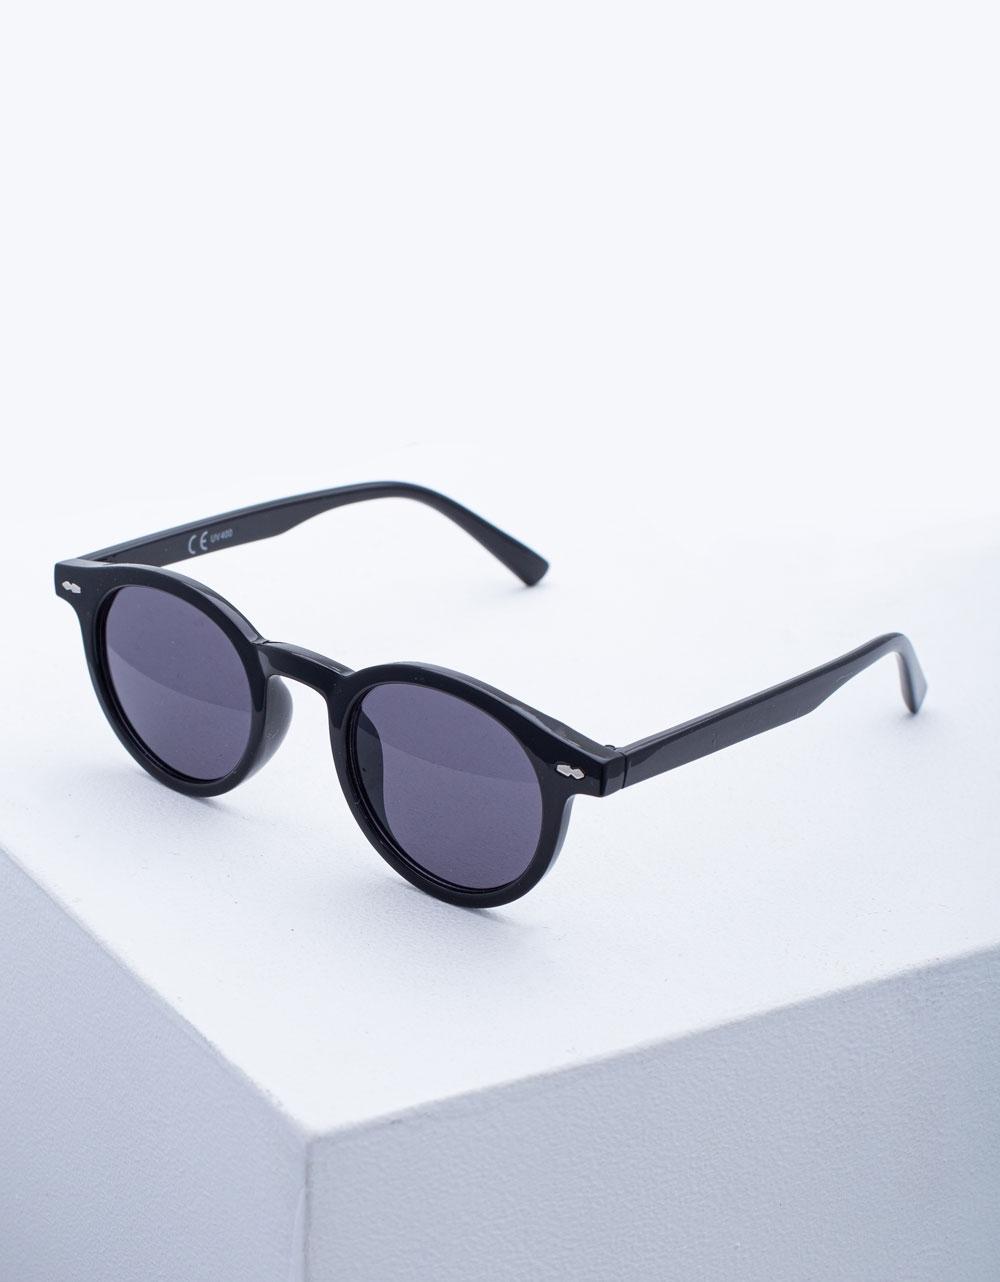 Εικόνα από Γυναικεία γυαλιά ηλίου σε στρογγυλό σχήμα Μαύρο